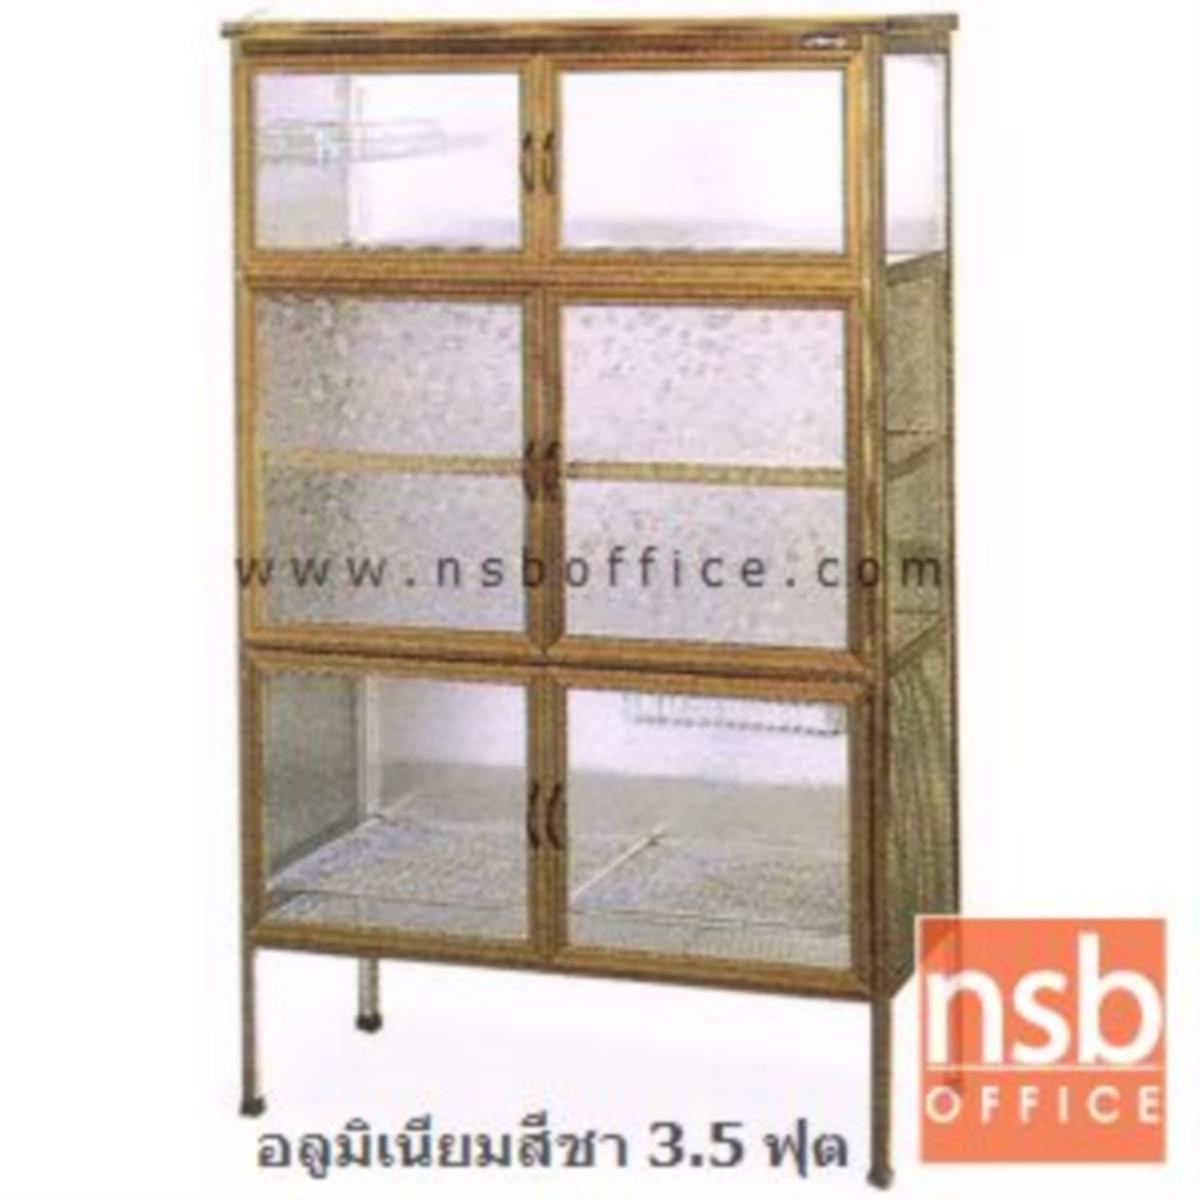 ตู้ครัว รุ่น Mantle กว้าง 3.5 cm. โครงเหล็กสีเงิน/สีชา ทรงสูง